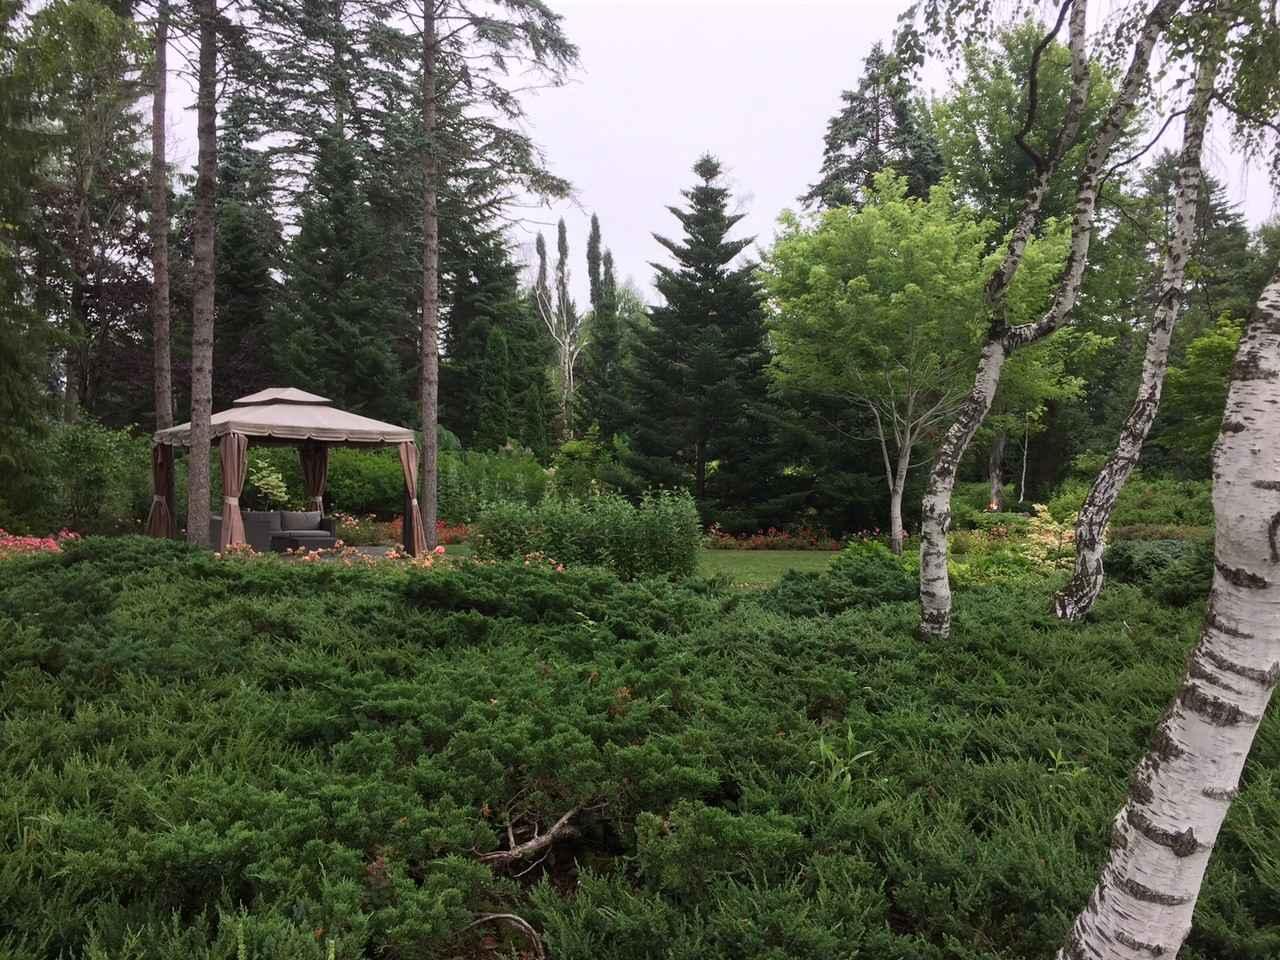 画像: 時間が許せば、木陰でゆっくり読書ができるガーデンソファーなどもせっちされ緑にいやされる庭園です。